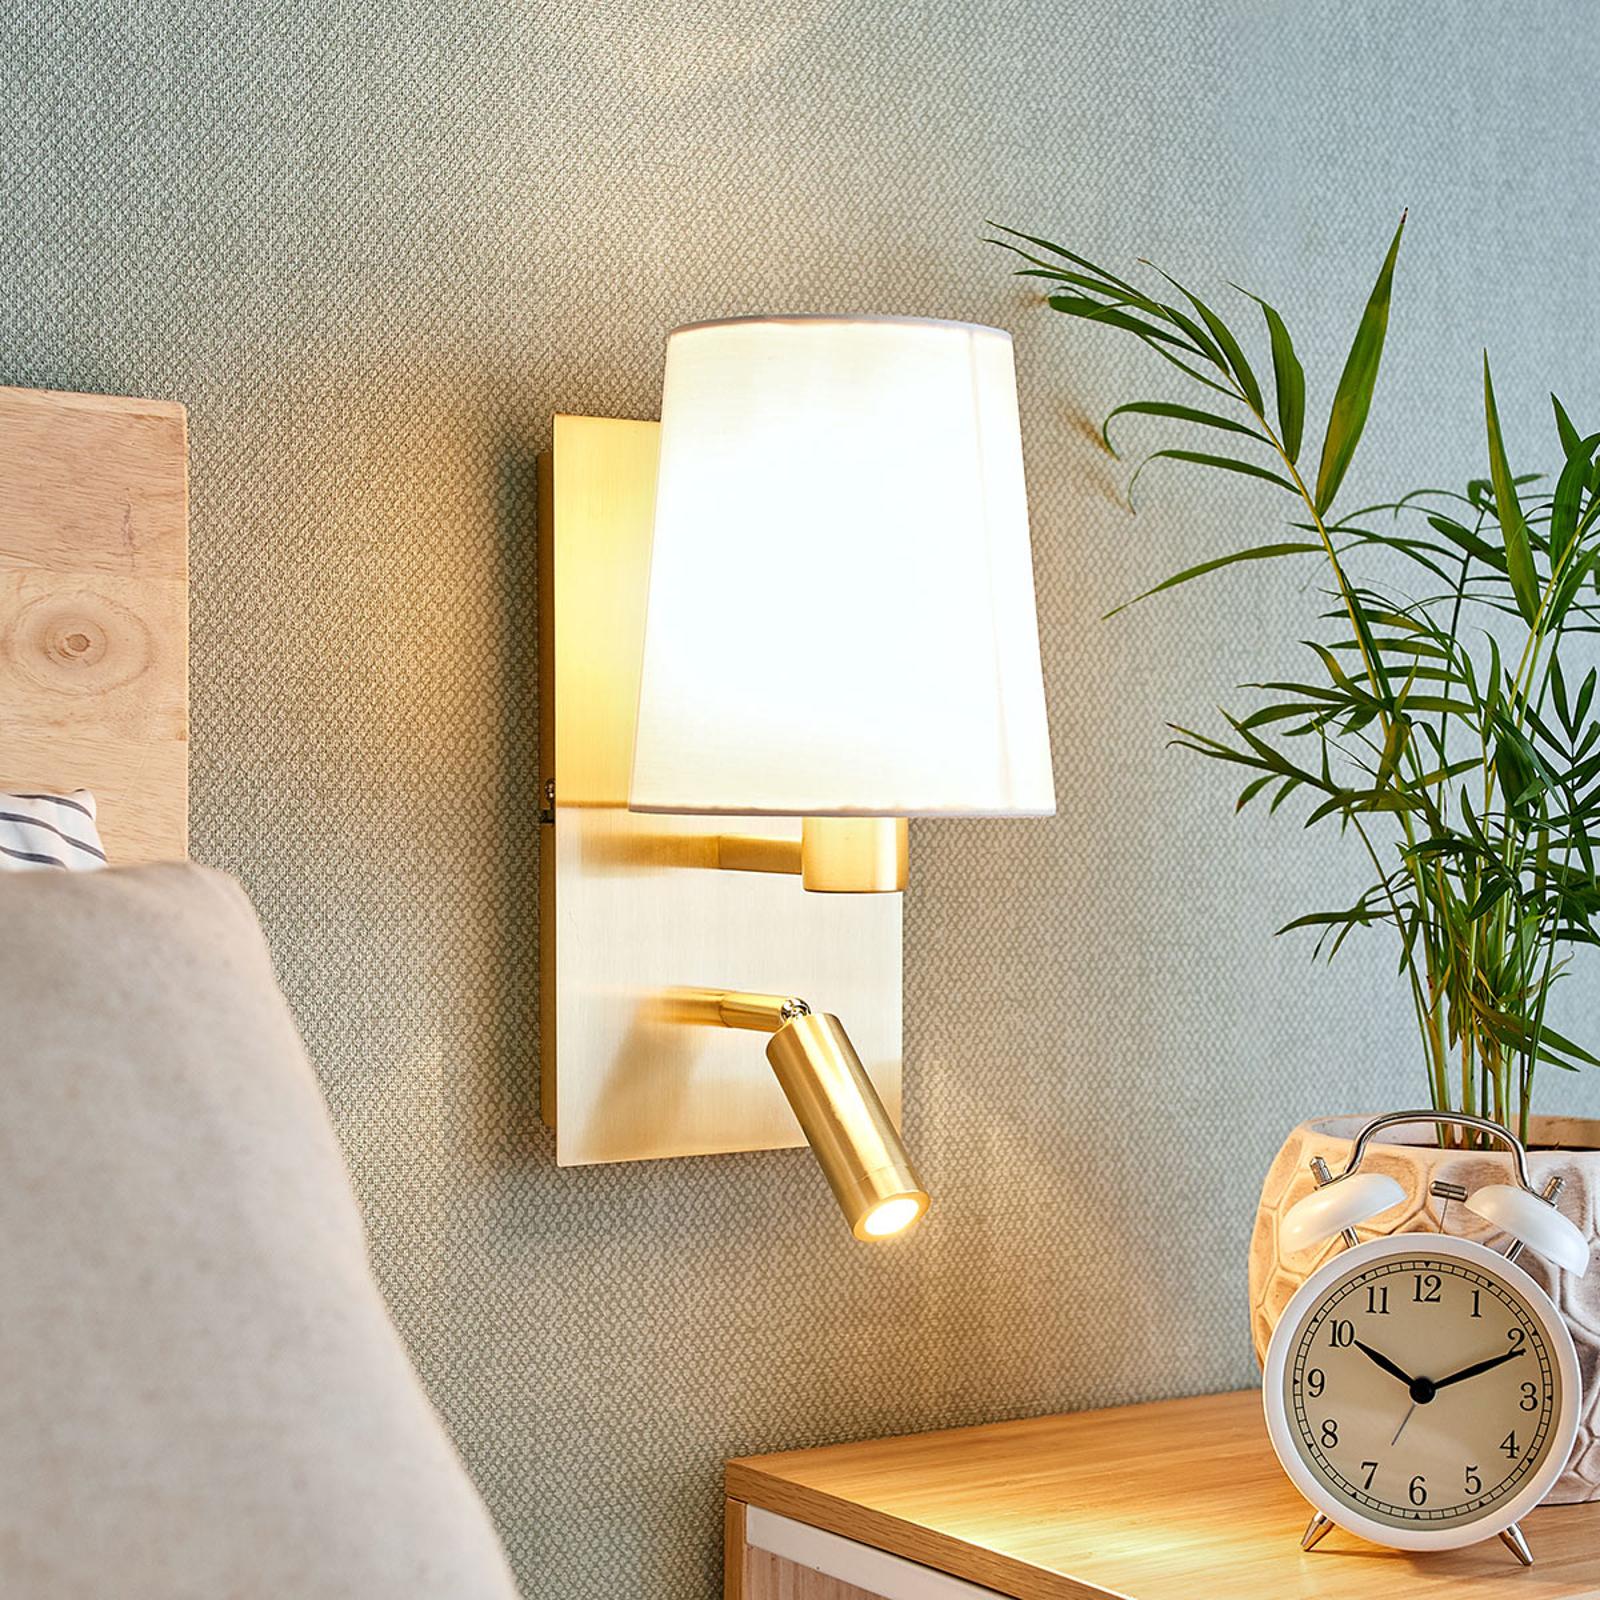 Vägglampa Aiden med LED-läslampa, vit, mässing